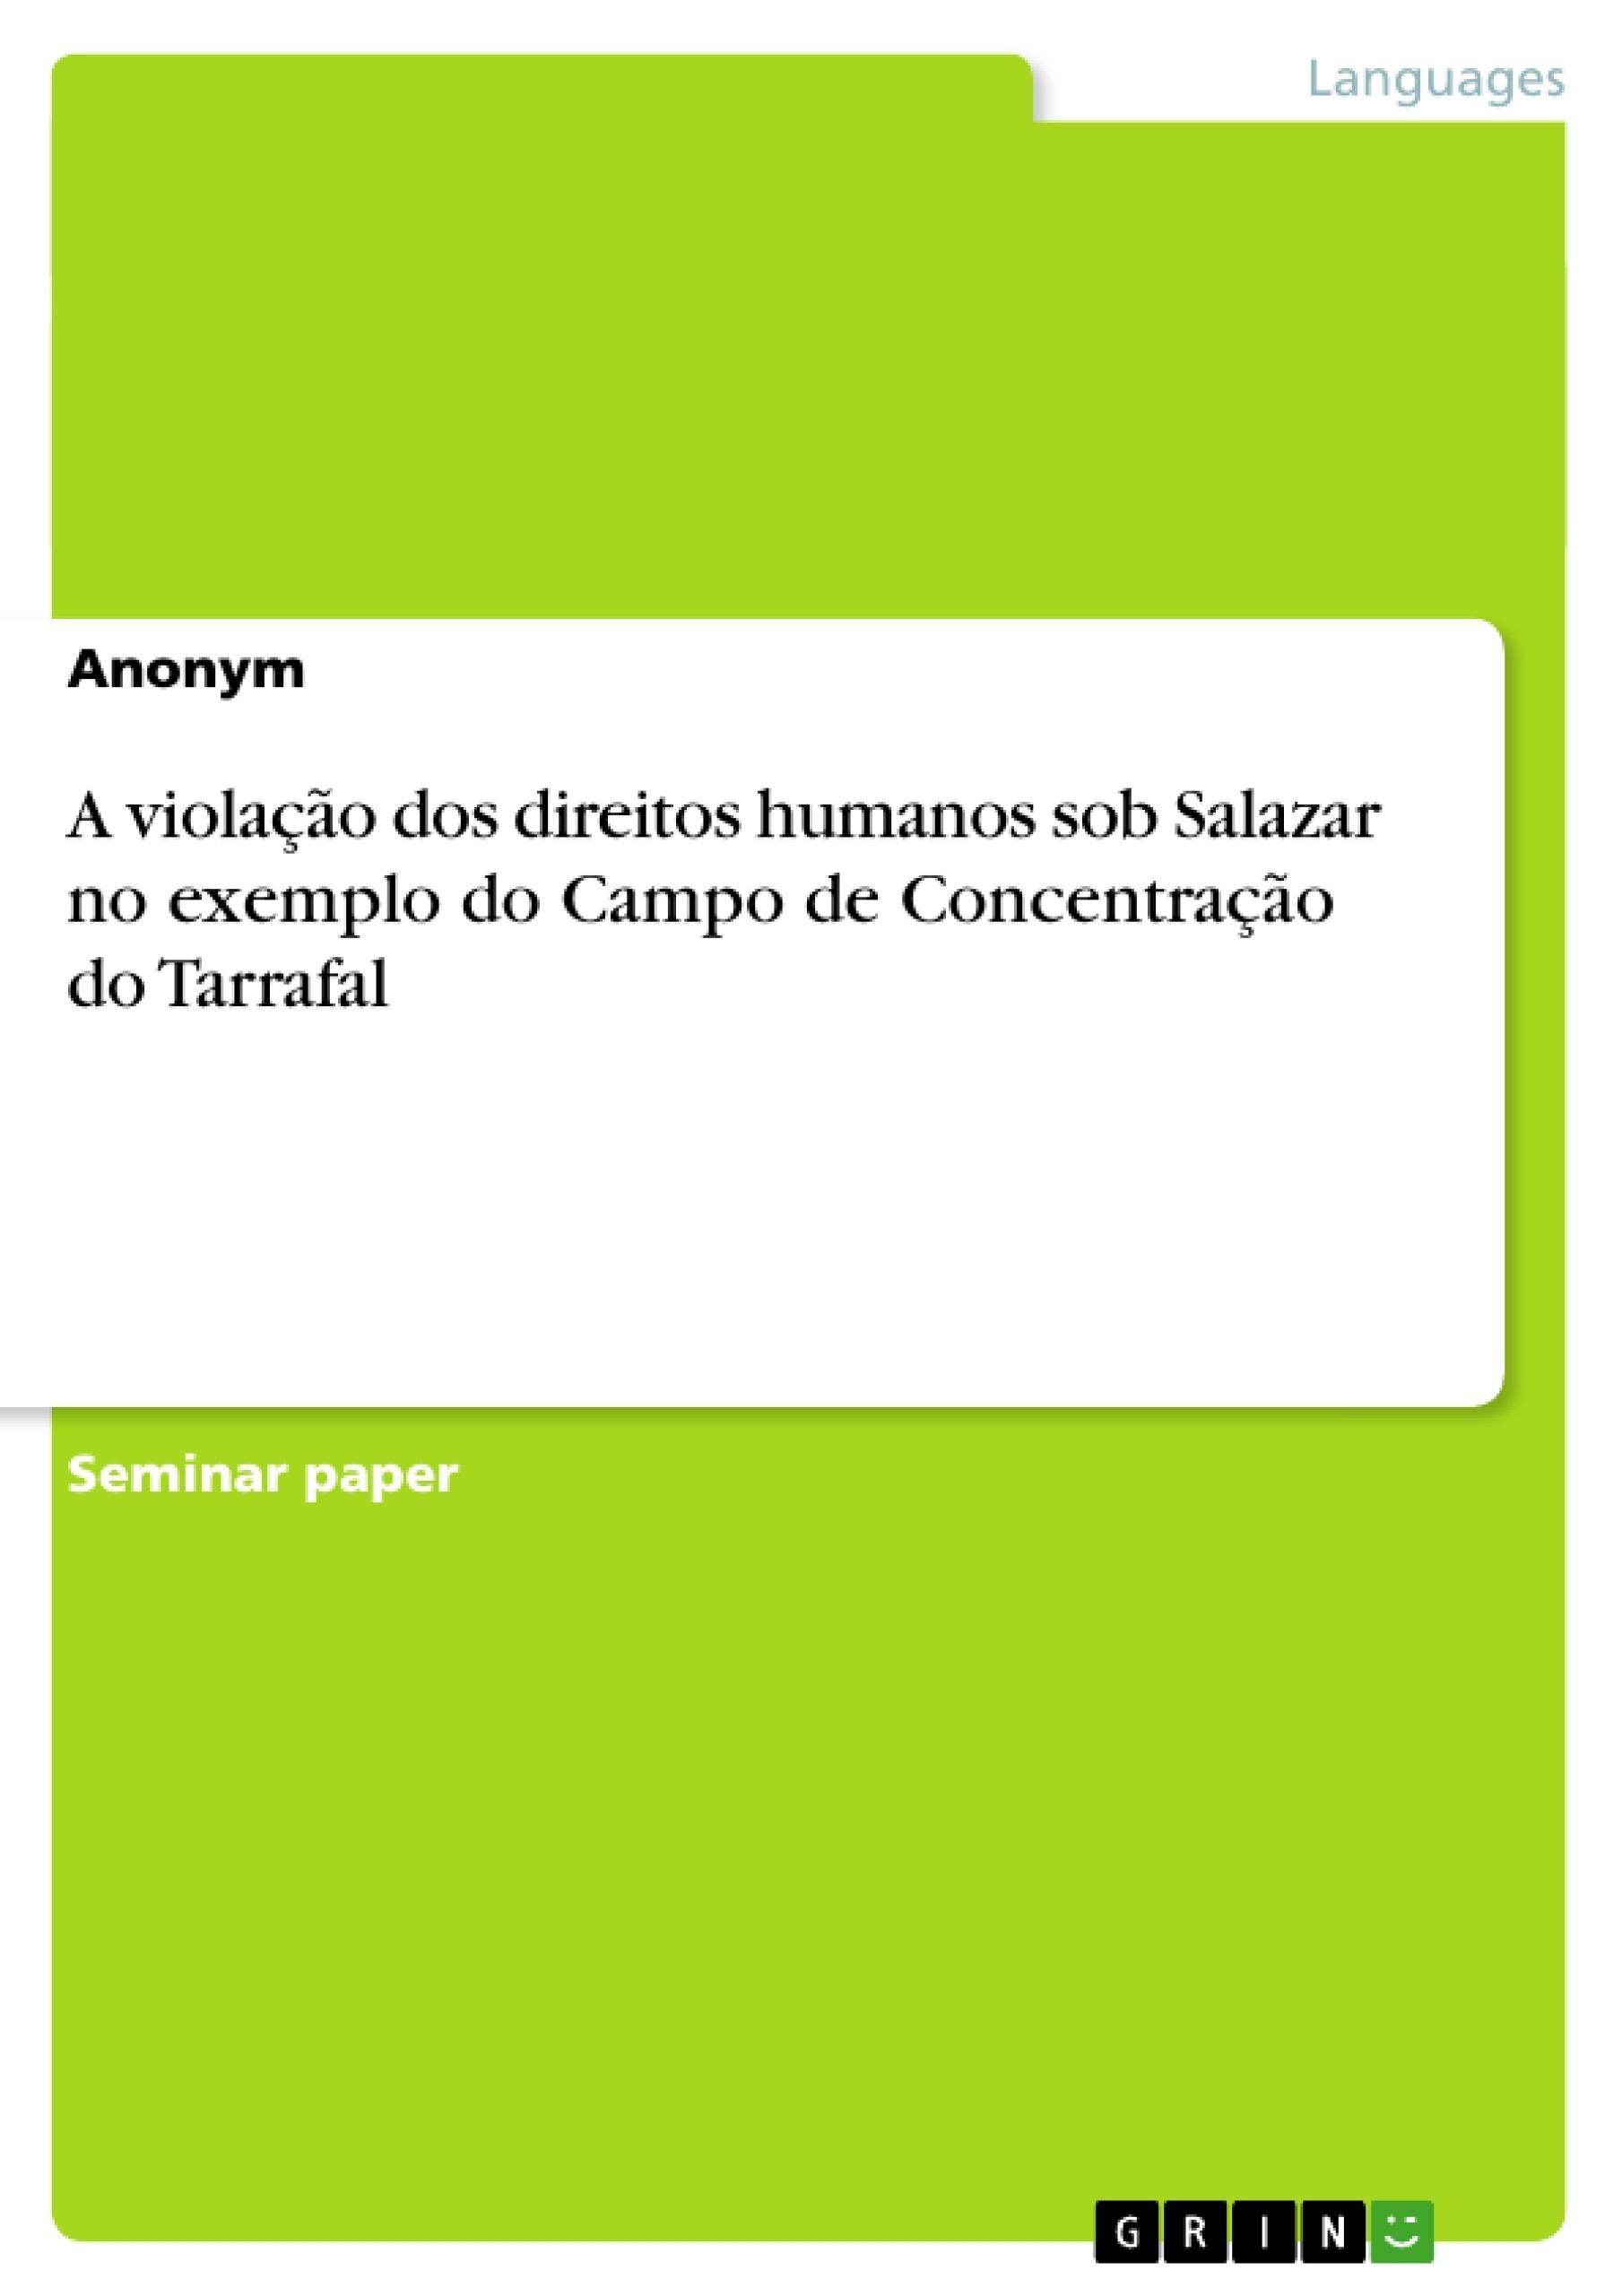 Title: A violação dos direitos humanos sob Salazar no exemplo do Campo de Concentração do Tarrafal